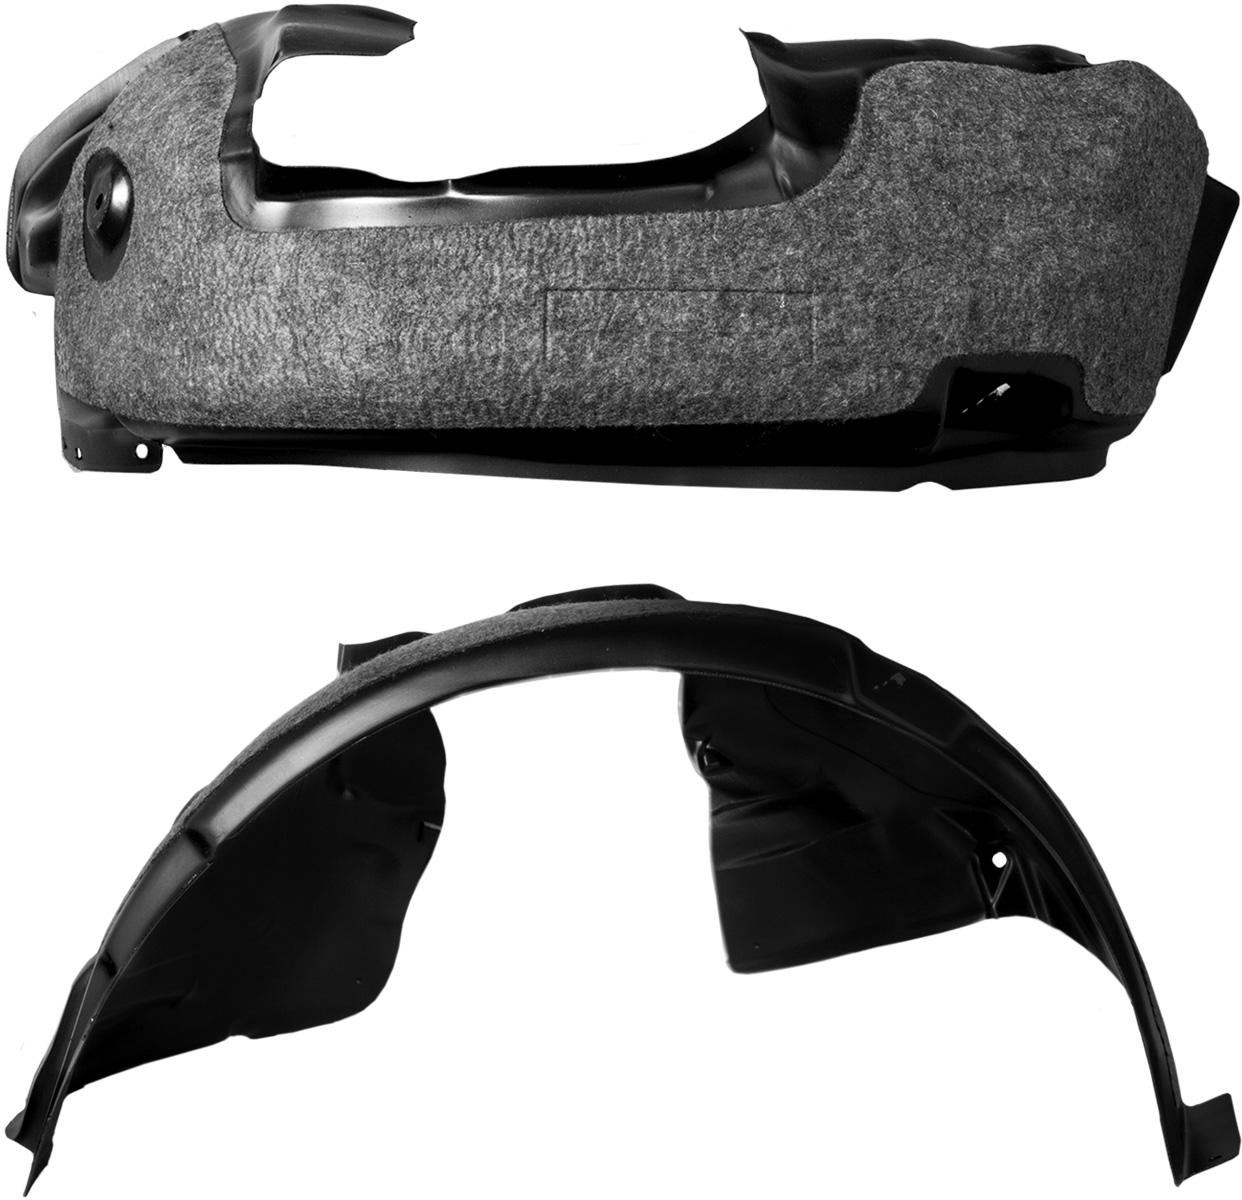 Подкрылок с шумоизоляцией Novline-Autofamily, для Peugeot Boxer, 08/2014 ->, с расширителями арок (передний левый)NLS.38.25.001Подкрылок с шумоизоляцией - революционный продукт, совмещающий в себе все достоинства обычного подкрылка, и в то же время являющийся одним из наиболее эффективных средств борьбы с внешним шумом в салоне автомобиля. Подкрылки бренда Novline-Autofamily разрабатываются индивидуально для каждого автомобиля с использованием метода 3D-сканирования.В качестве шумоизолирующего слоя применяется легкое синтетическое нетканое полотно толщиной 10 мм, которое отталкивает влагу, сохраняет свои шумоизоляционные свойства на протяжении всего периода эксплуатации.Подкрылки с шумоизоляцией не имеют эксплуатационных ограничений и устанавливаются один раз на весь срок службы автомобиля.Подкрылки с шумоизоляцией не имеют аналогов и являются российским изобретением, получившим признание во всём мире. Уважаемые клиенты! Обращаем ваше внимание, фото может не полностью соответствовать оригиналу.